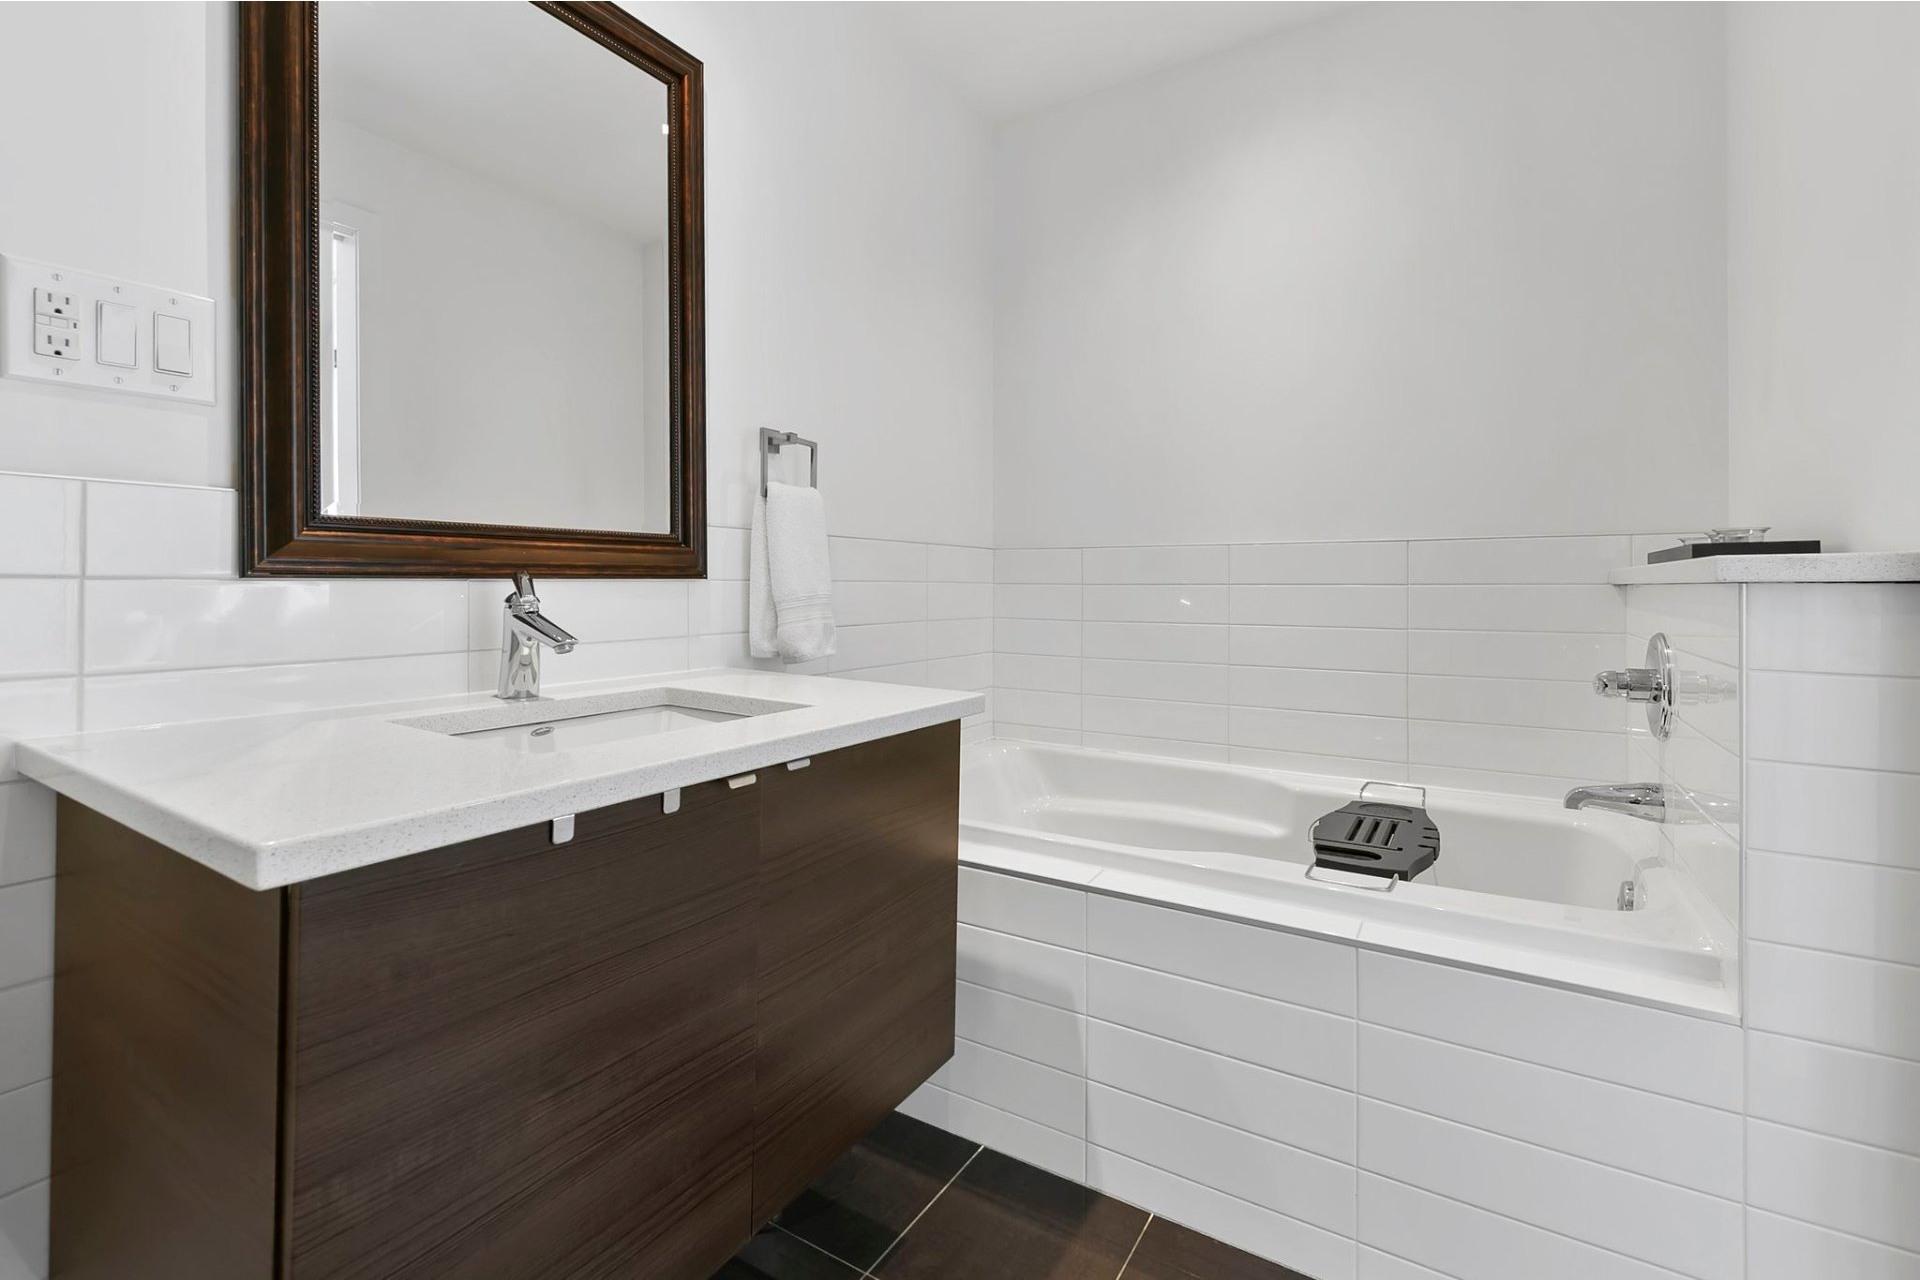 image 6 - Apartment For sale Côte-des-Neiges/Notre-Dame-de-Grâce Montréal  - 8 rooms